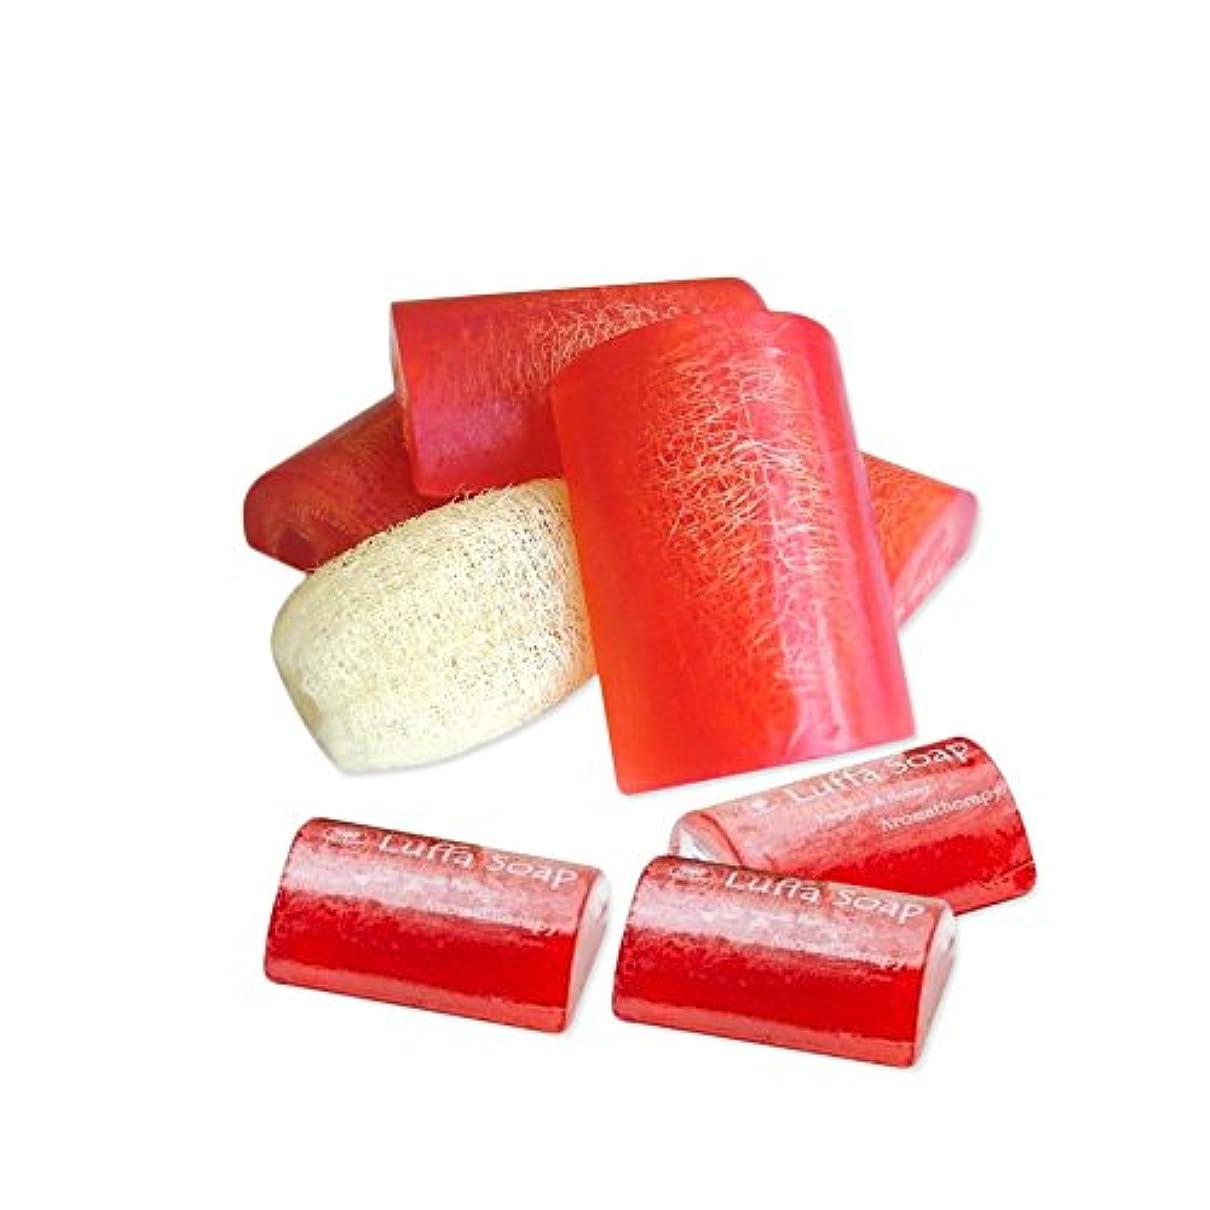 認証威信申請中Soap Net Nature Handmade AromaPapaya Honey Scrub Herbal Natural Relaxing After Work & Sport A luffa middle the...